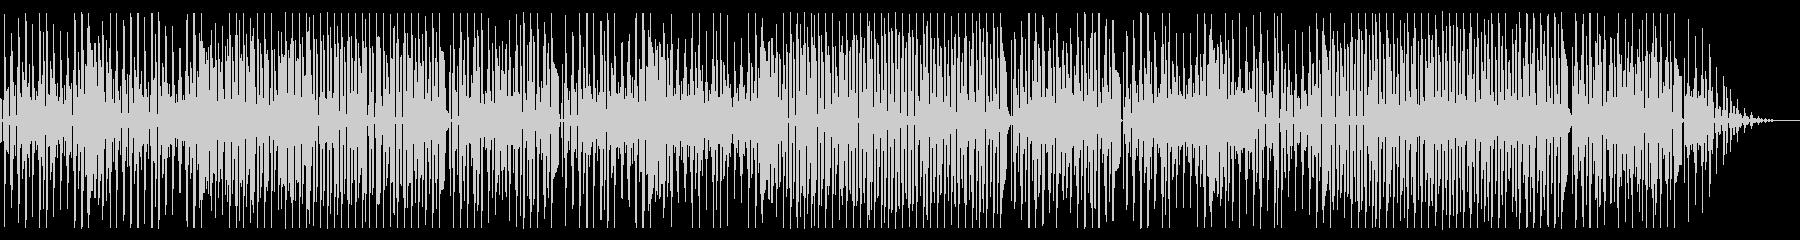 運動会「ウイリアムテル序曲」脱力アレンジの未再生の波形